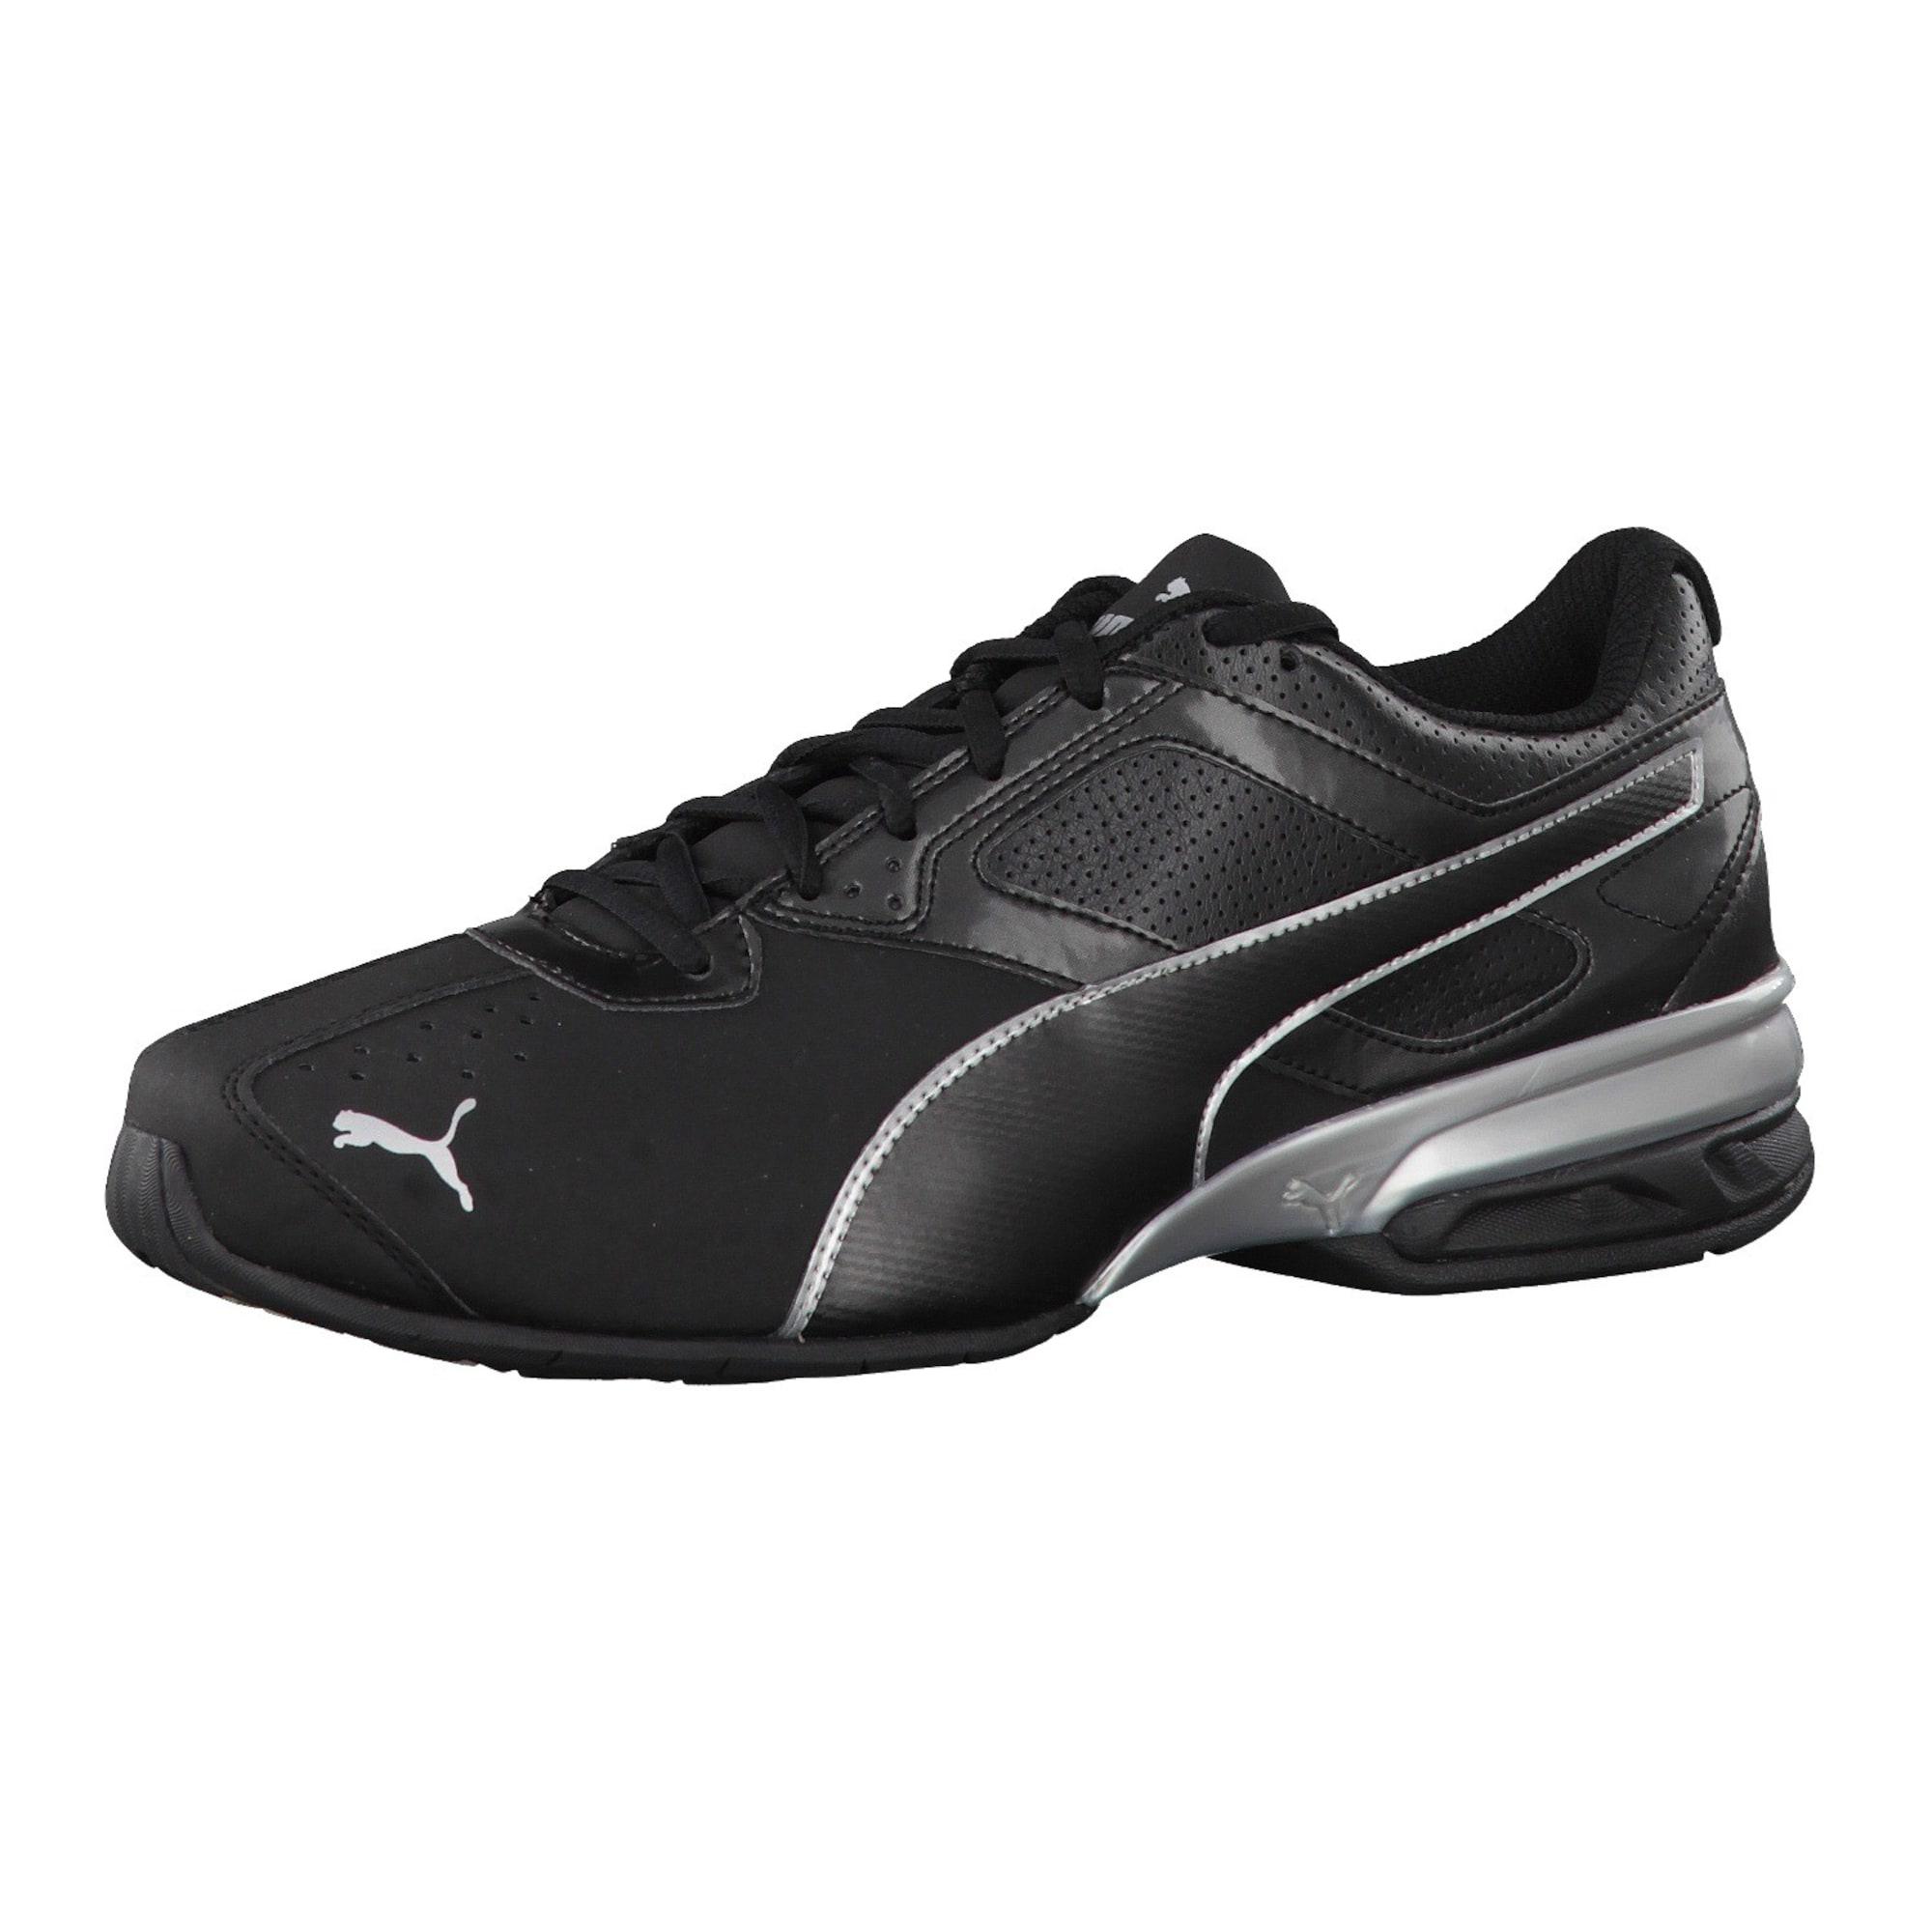 Sportovní boty Tazon 6 189873-03 černá stříbrná PUMA